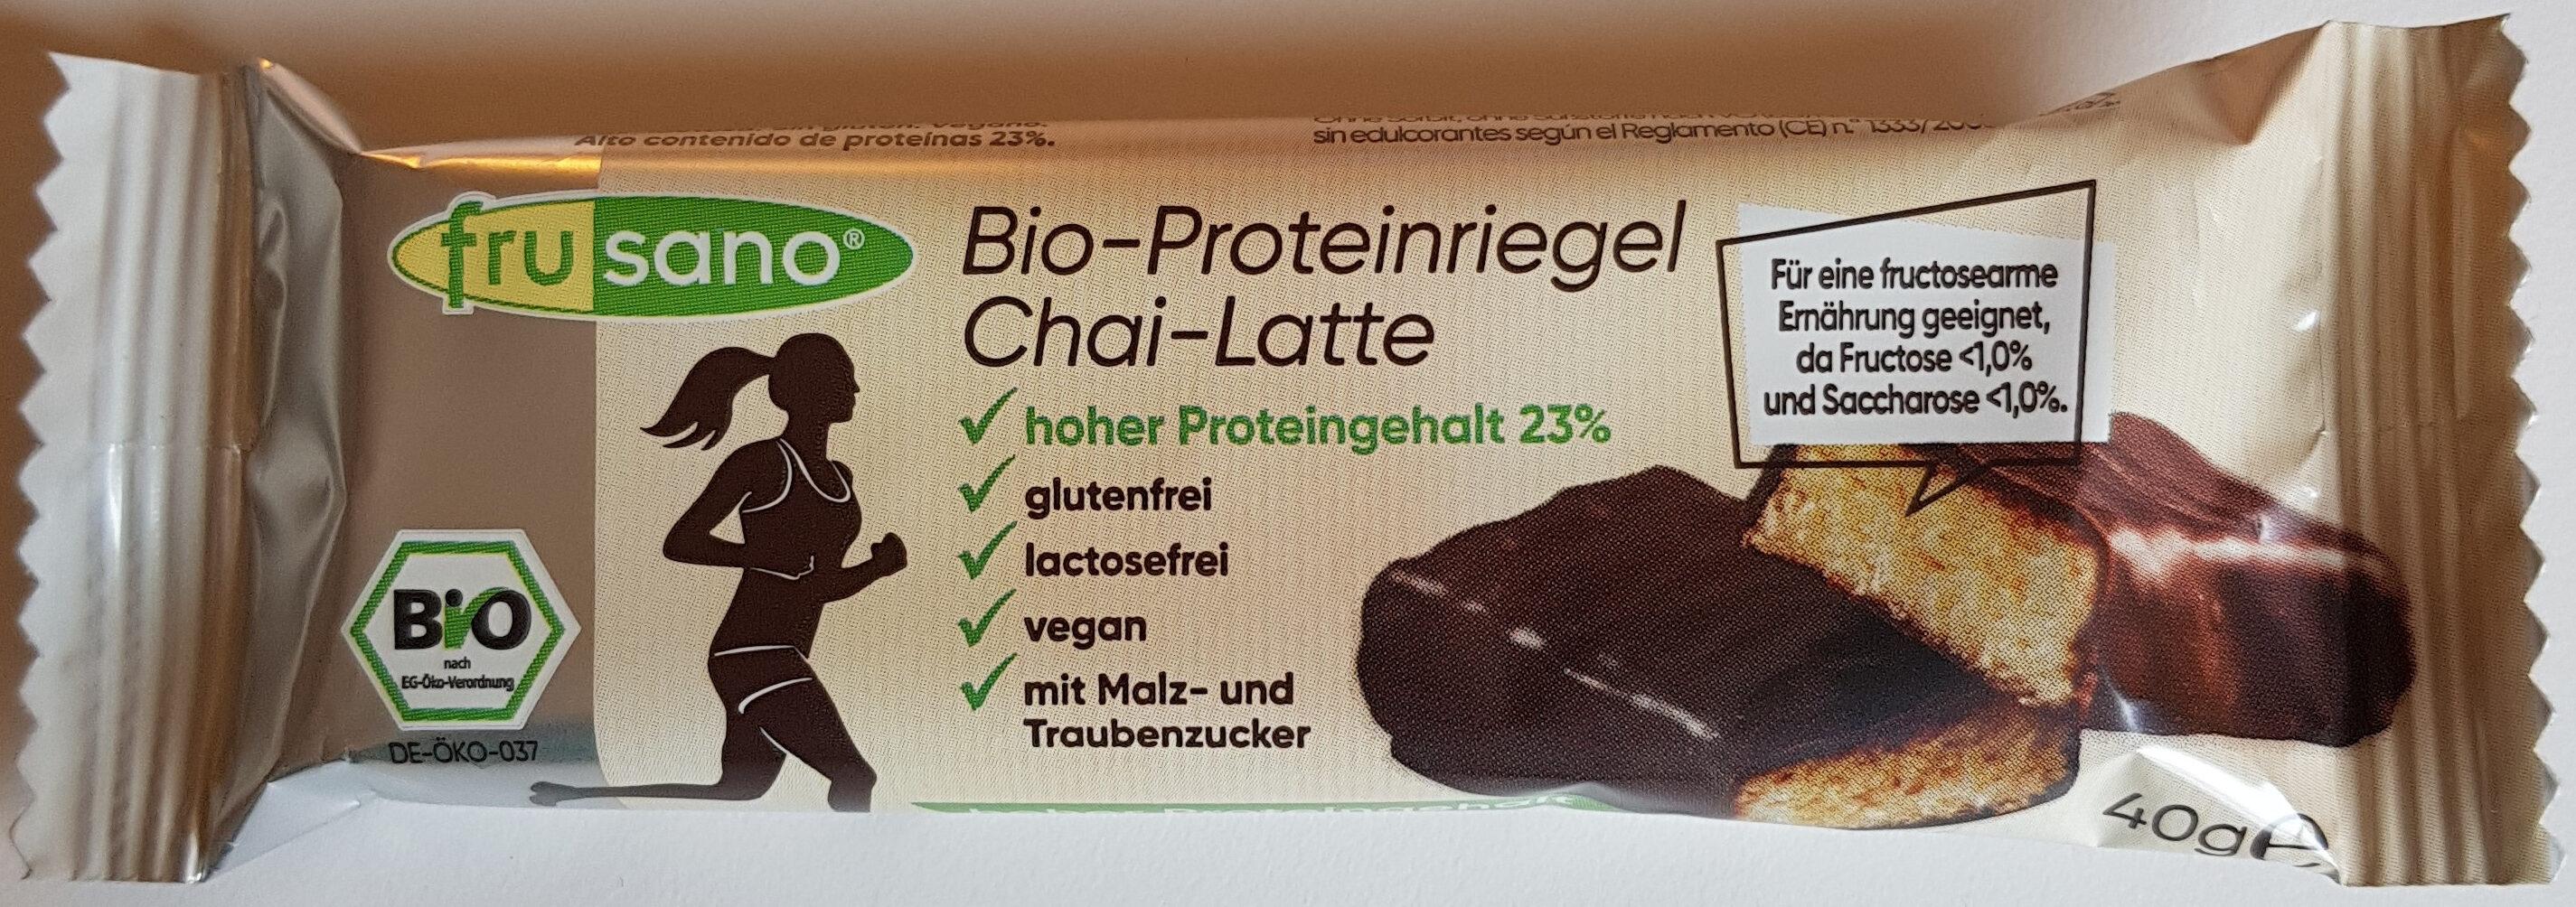 Bio-Proteinriegel Chai-Latte - Produit - de